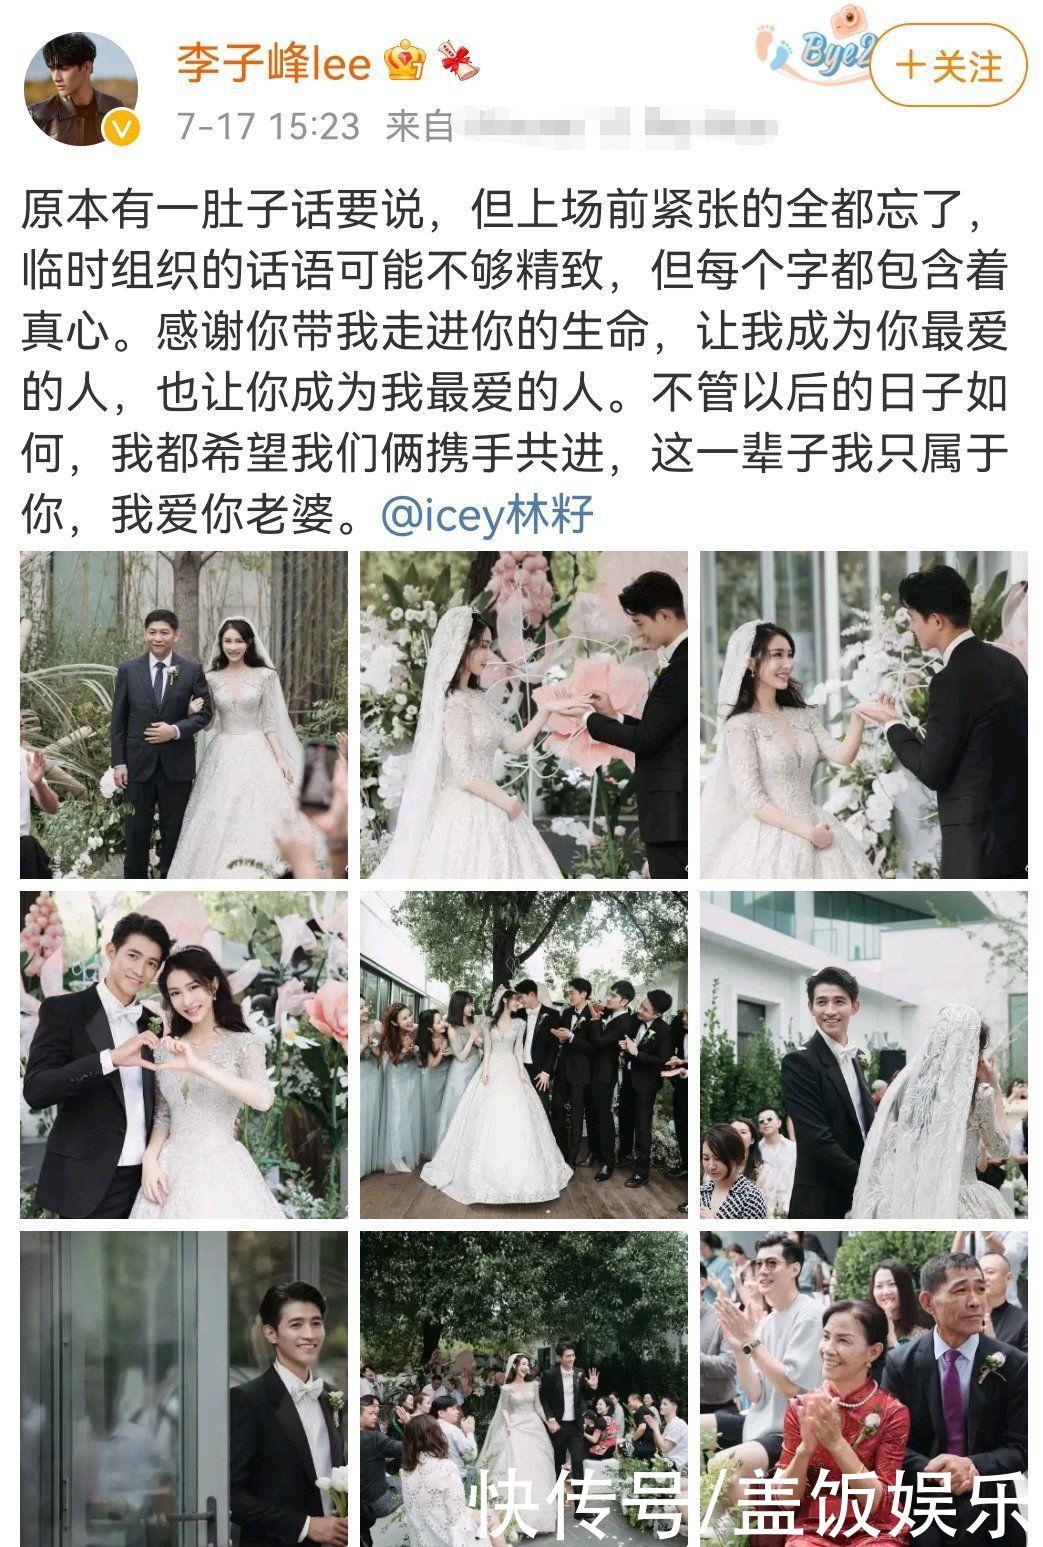 34歲《慶餘年》男星辦戶外婚禮!上場時緊張到忘詞,新娘淚灑現場